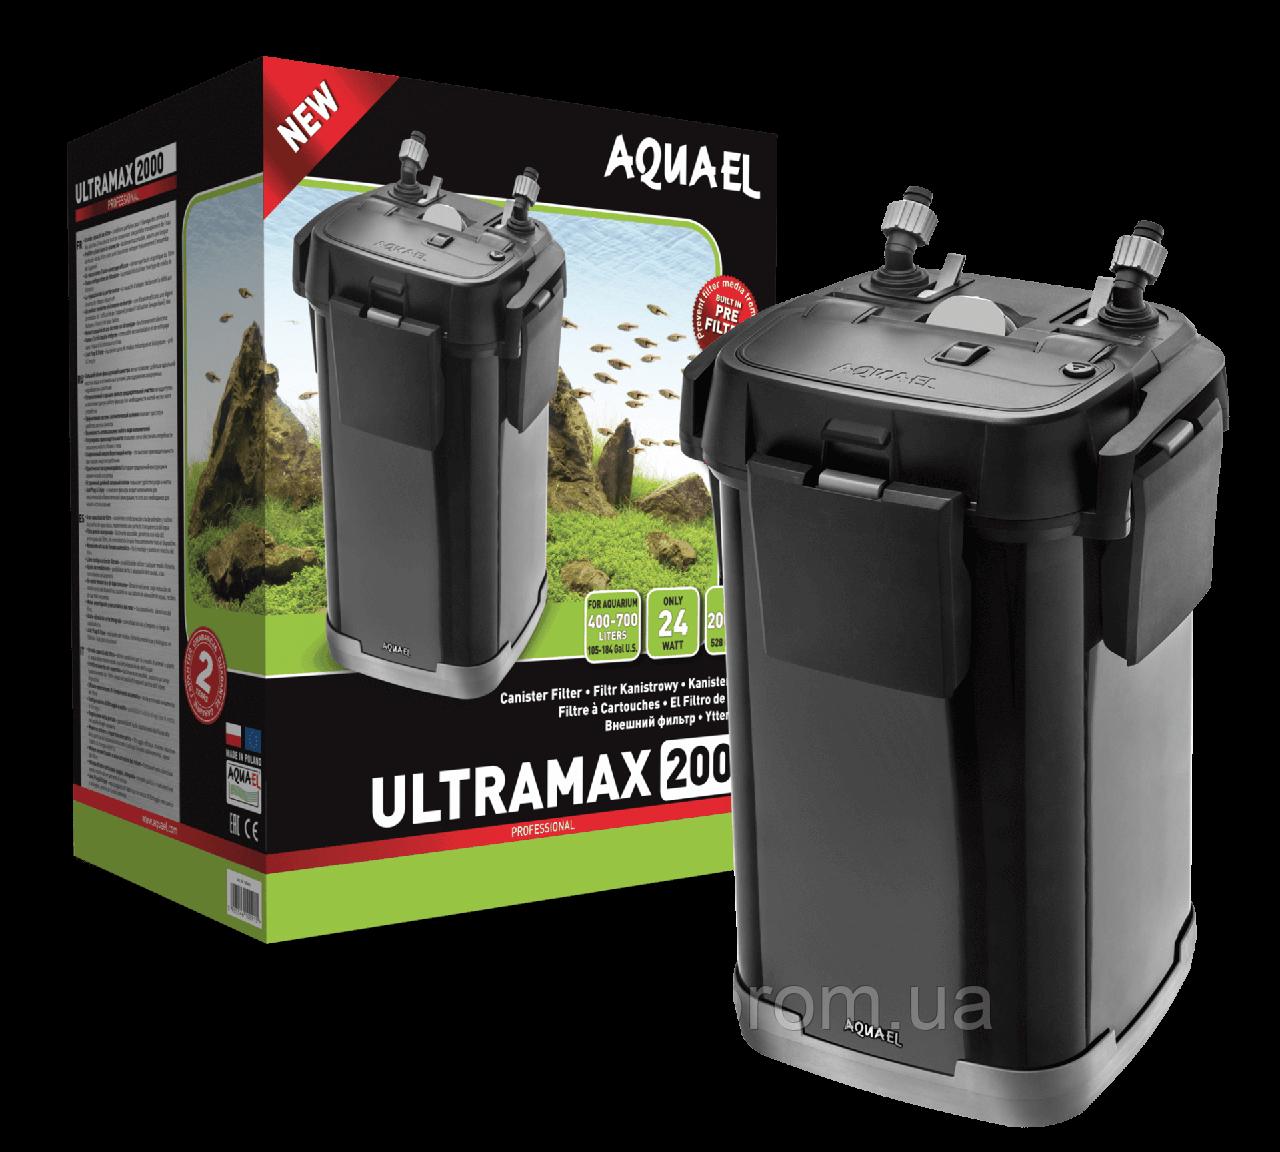 Внешний аквариумный фильтр Aquael ULTRAMAX 1500 для аквариумов от 400 до 700 литров